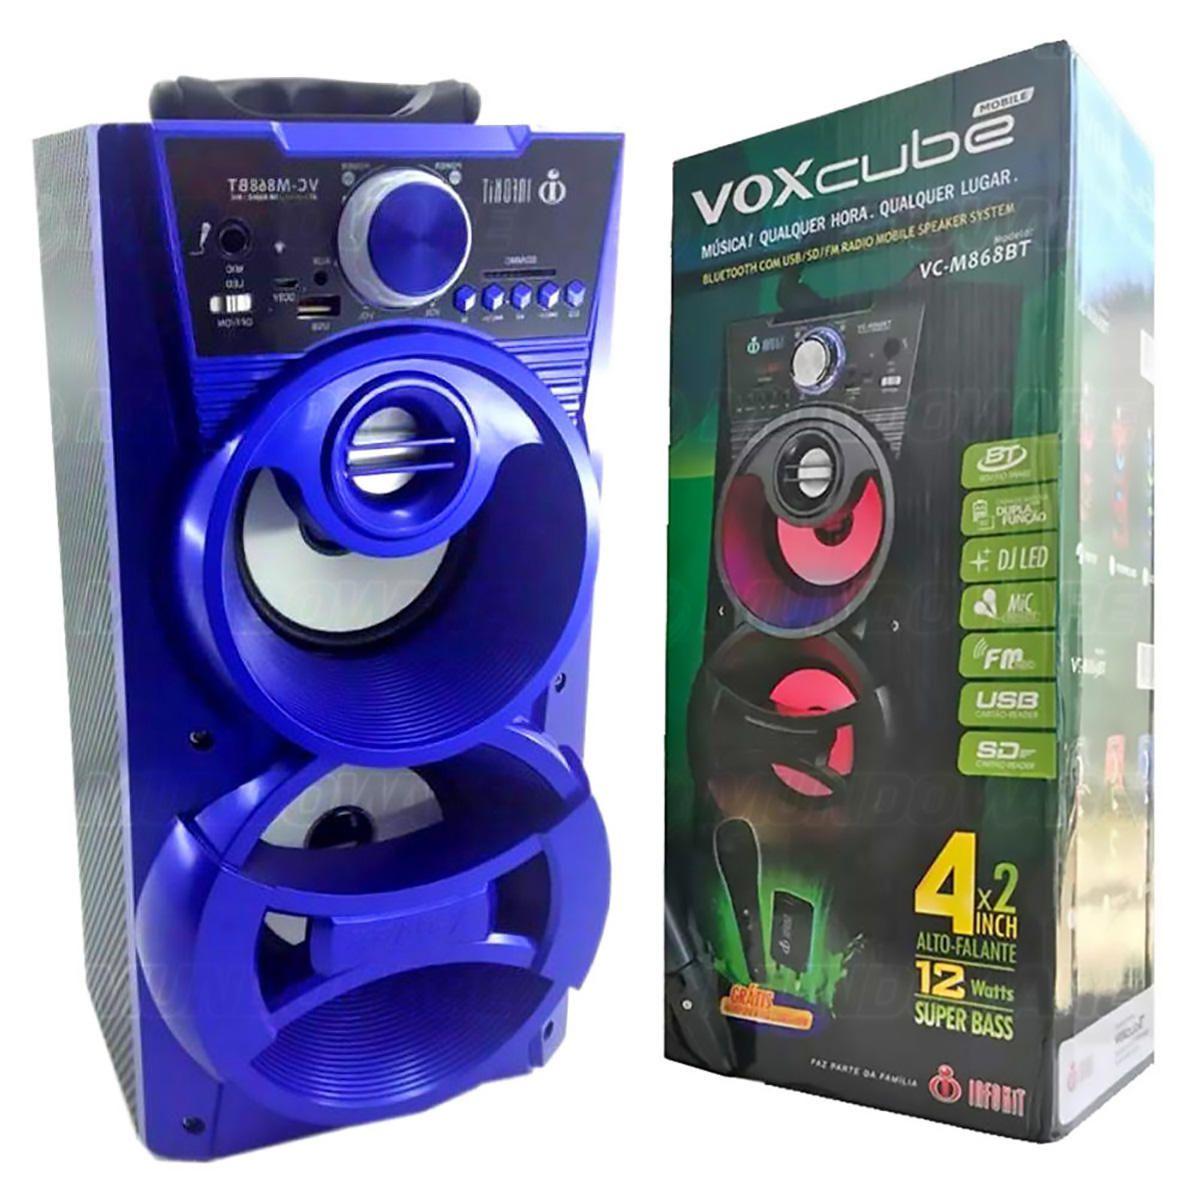 Caixa de Som Bluetooth Portátil 12W Torre com USB SD FM Aux Microfone Karaoke e LED DJ Infokit VC-M868BT Azul